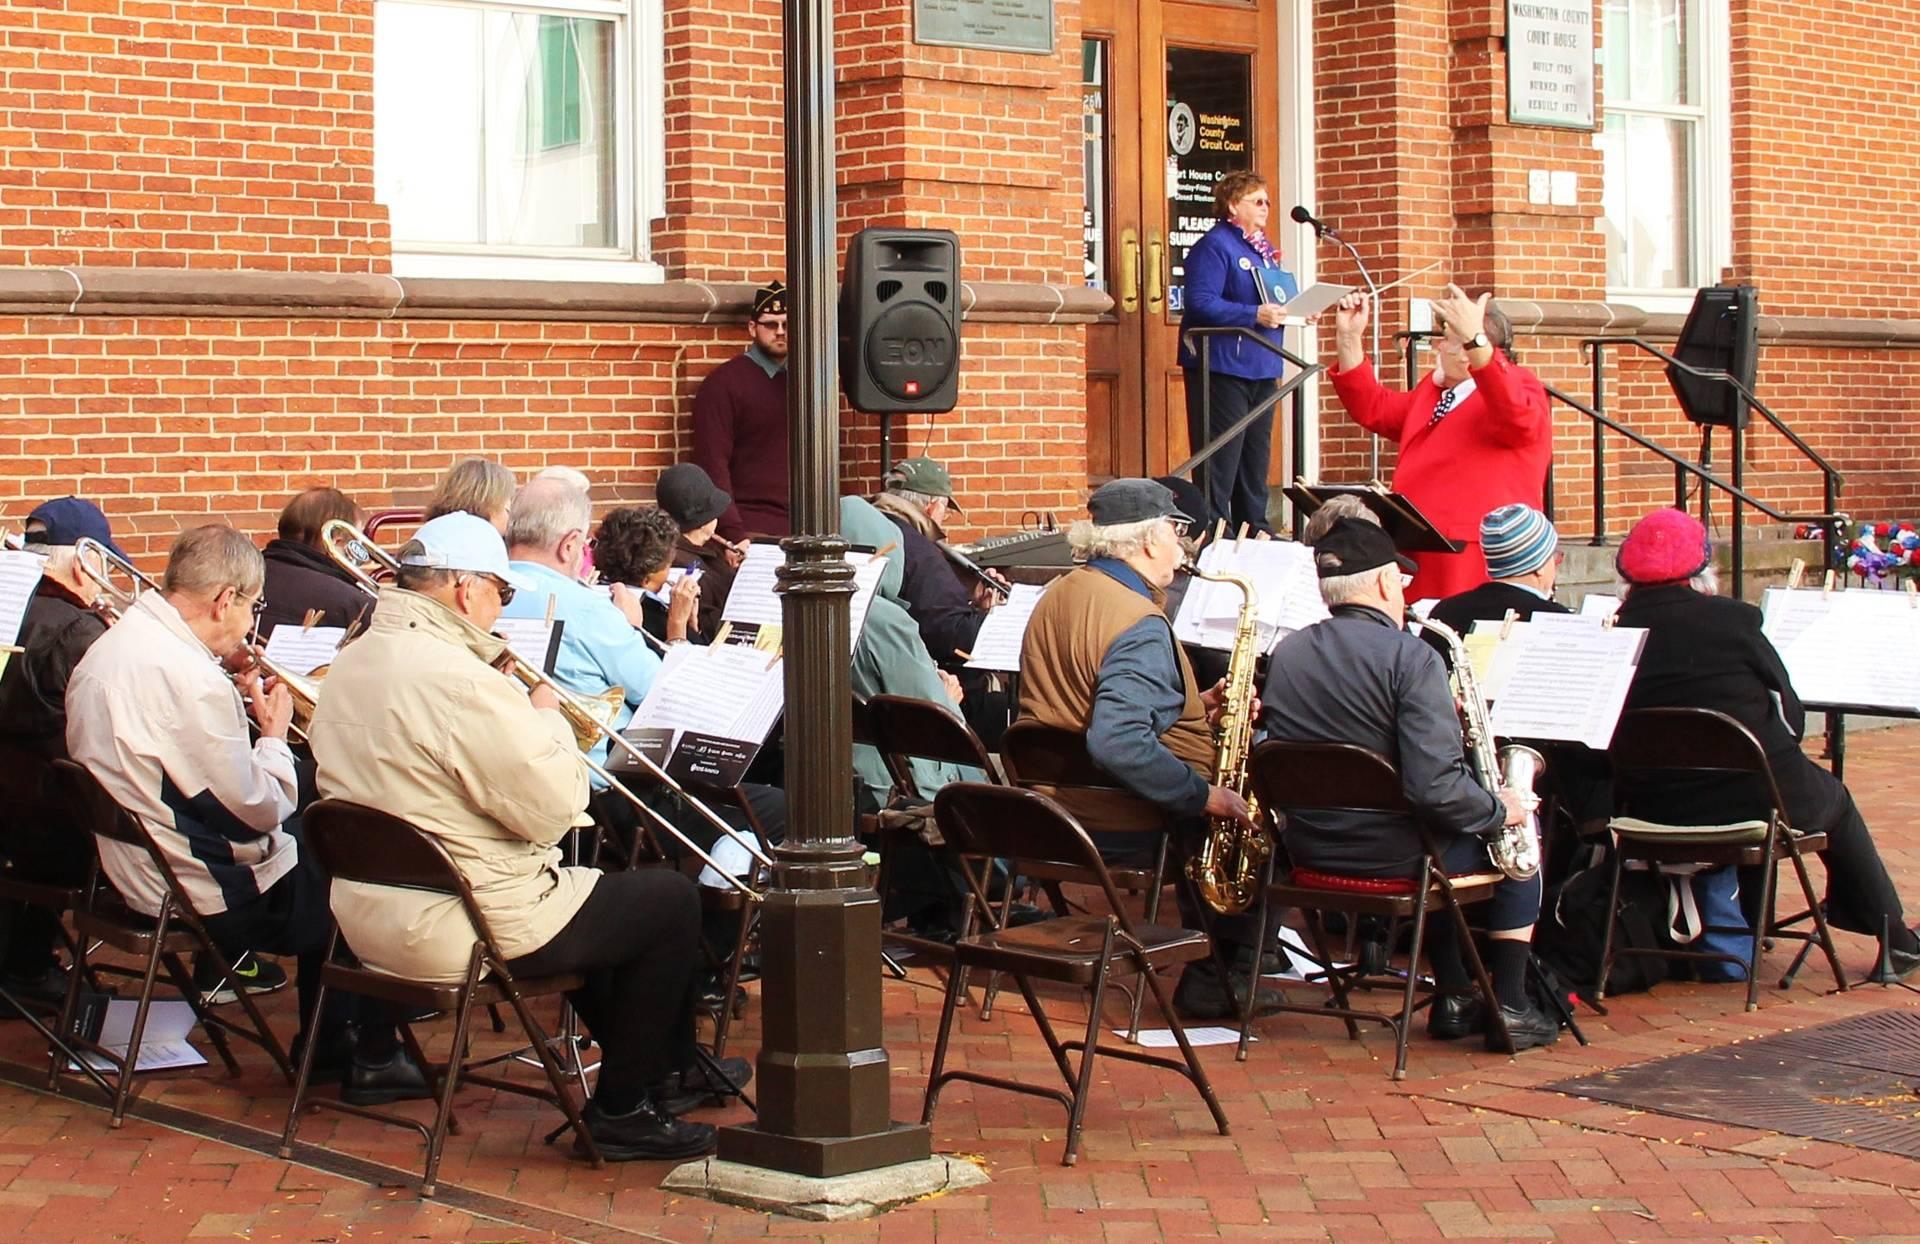 Band playing at Plaza